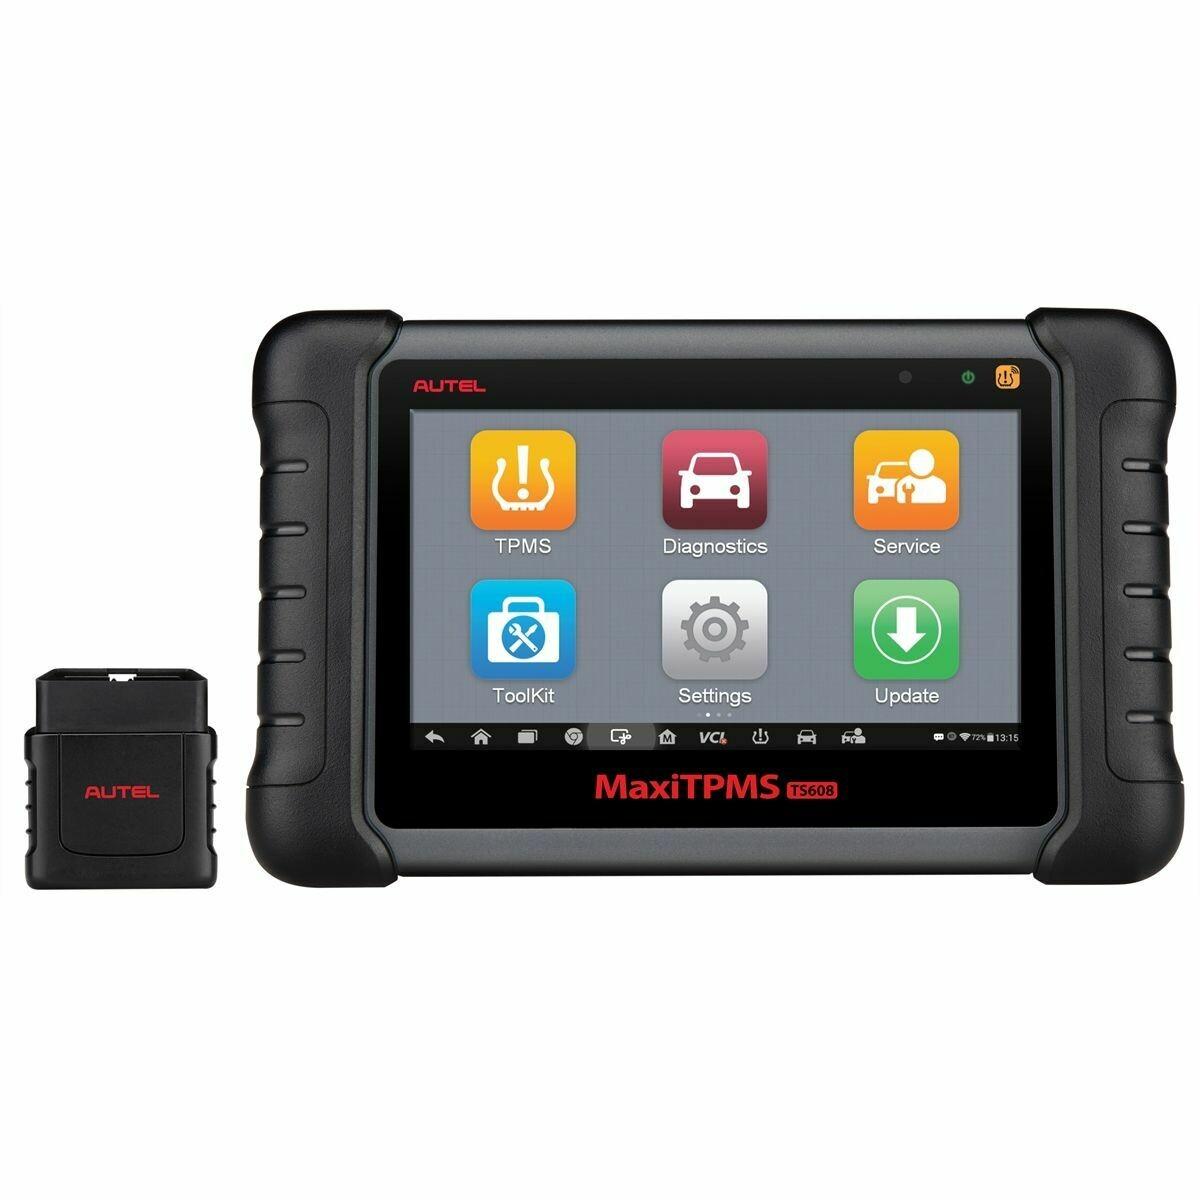 AUTEL TS608 Diagnostics, Service & TPMS Tablet